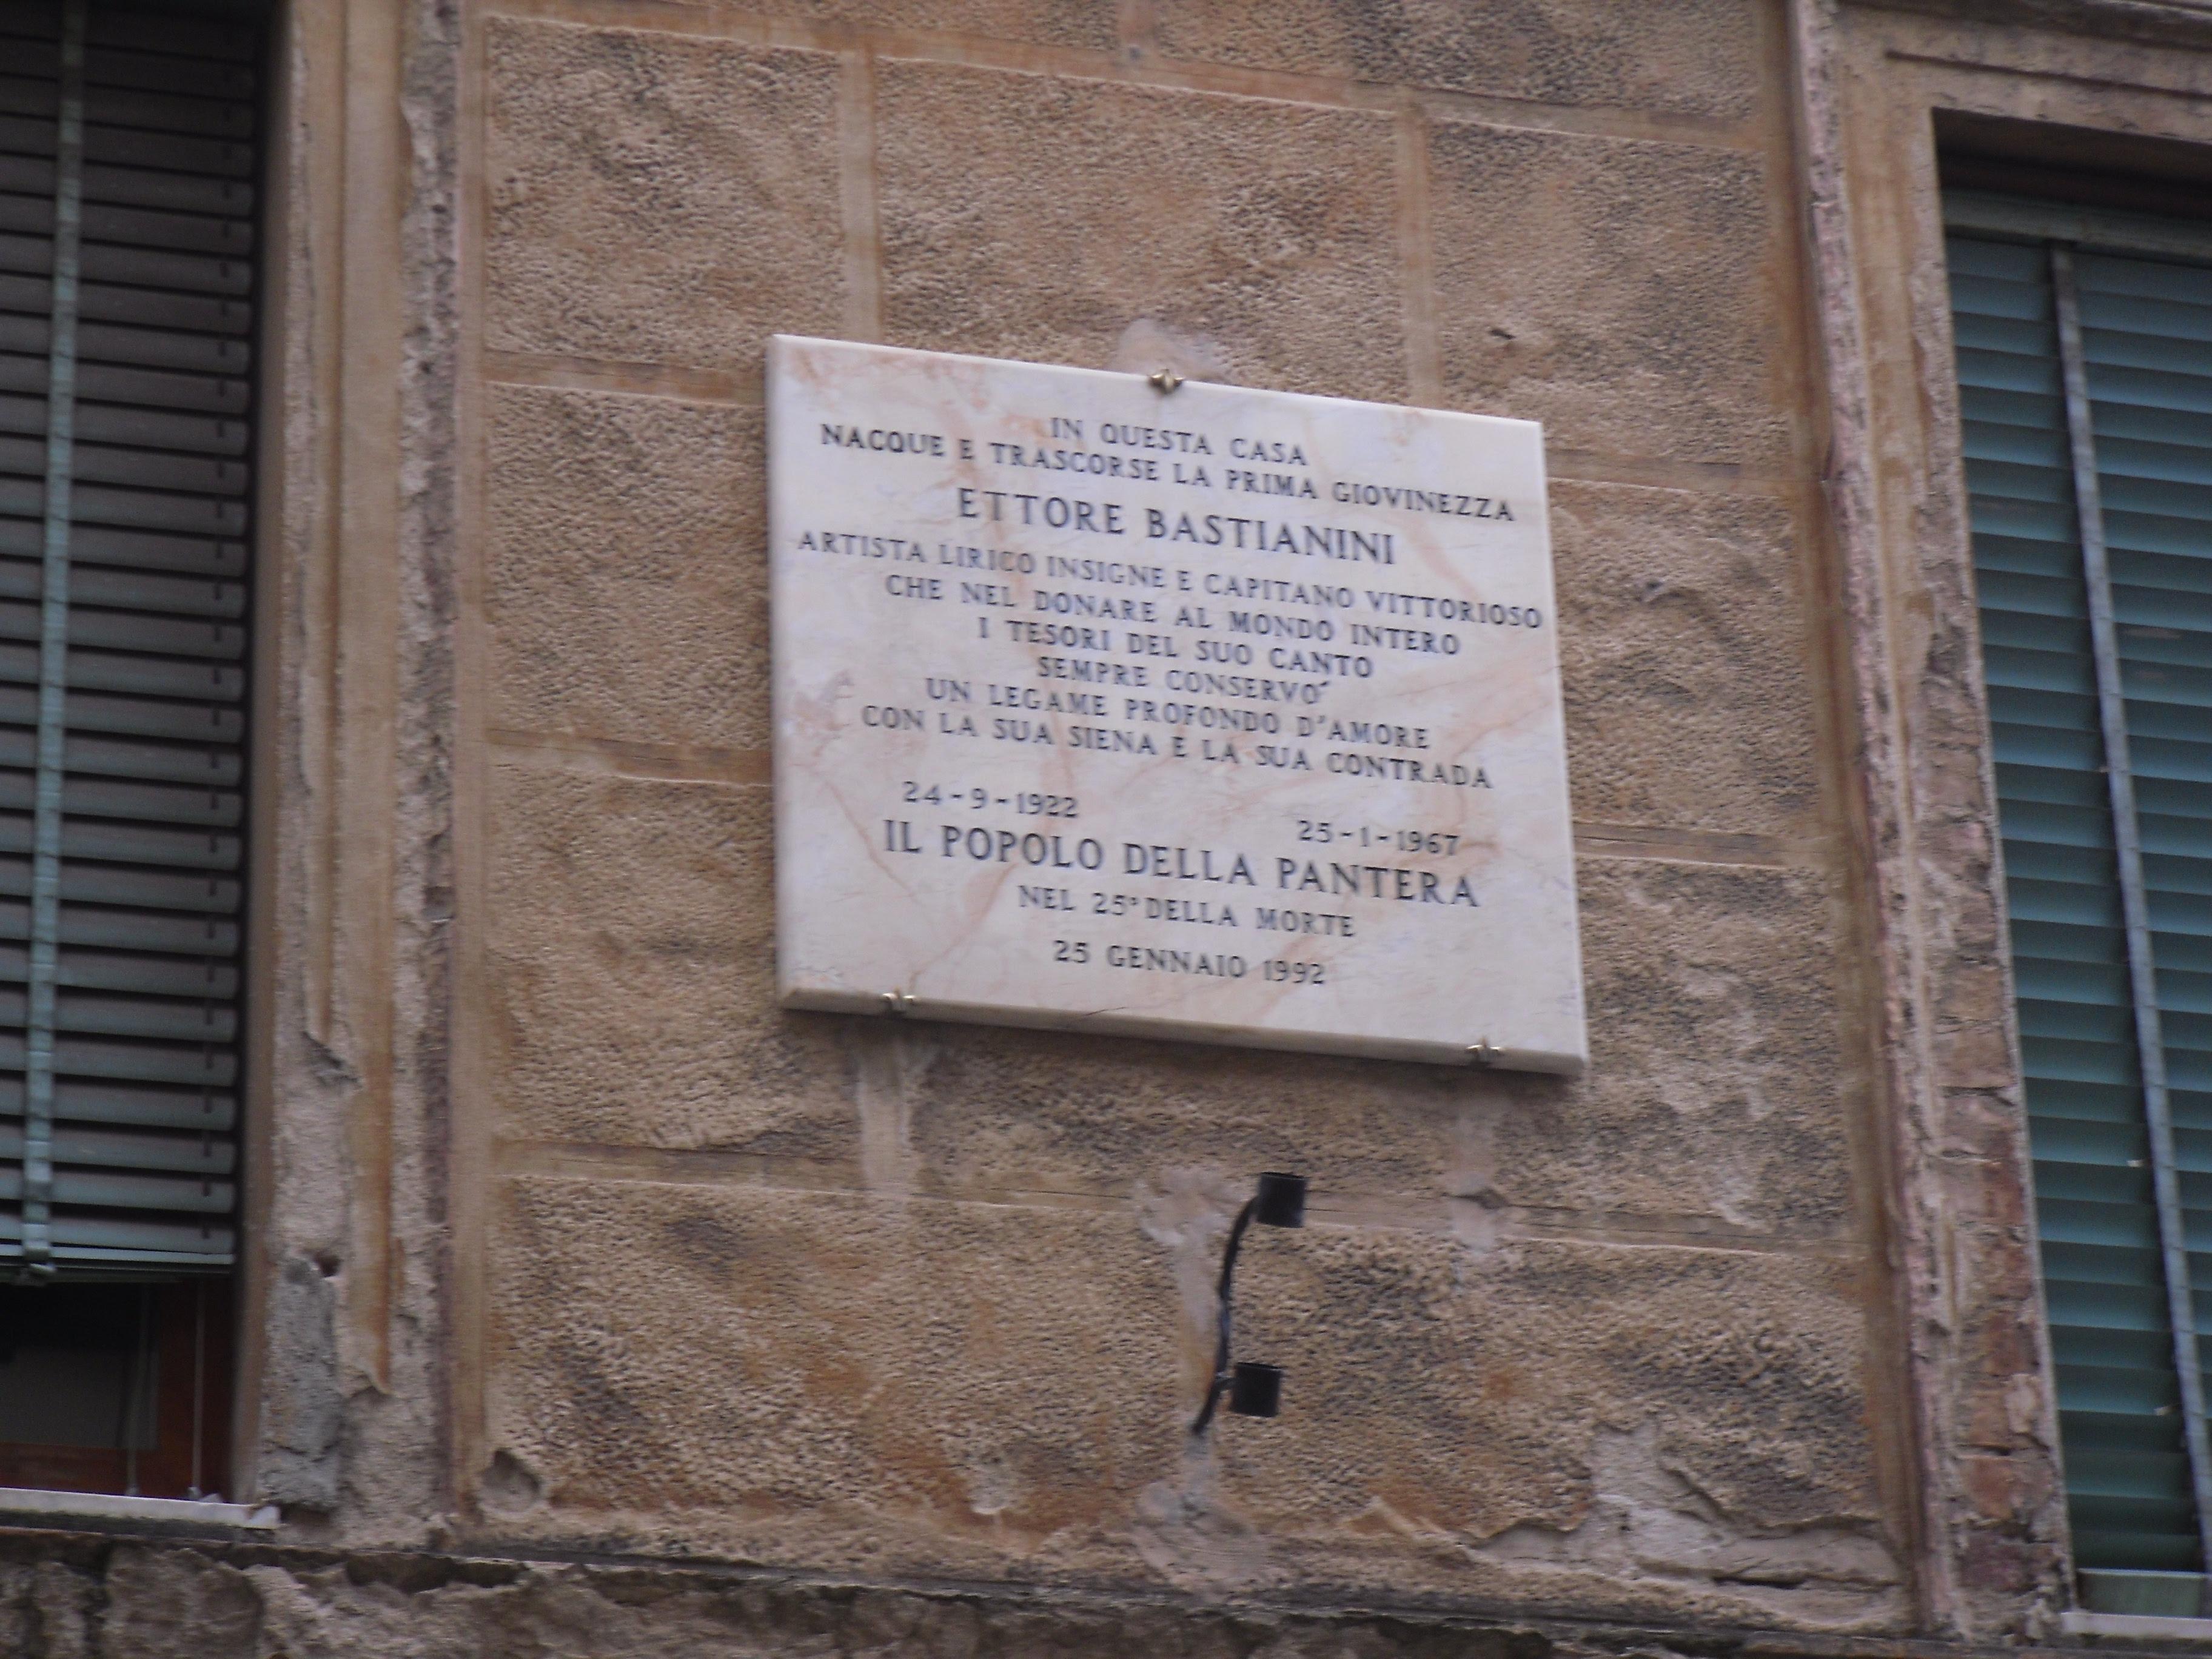 Memorial plaque for baritone Ettore Bastianini in the contrada pantera in Siena